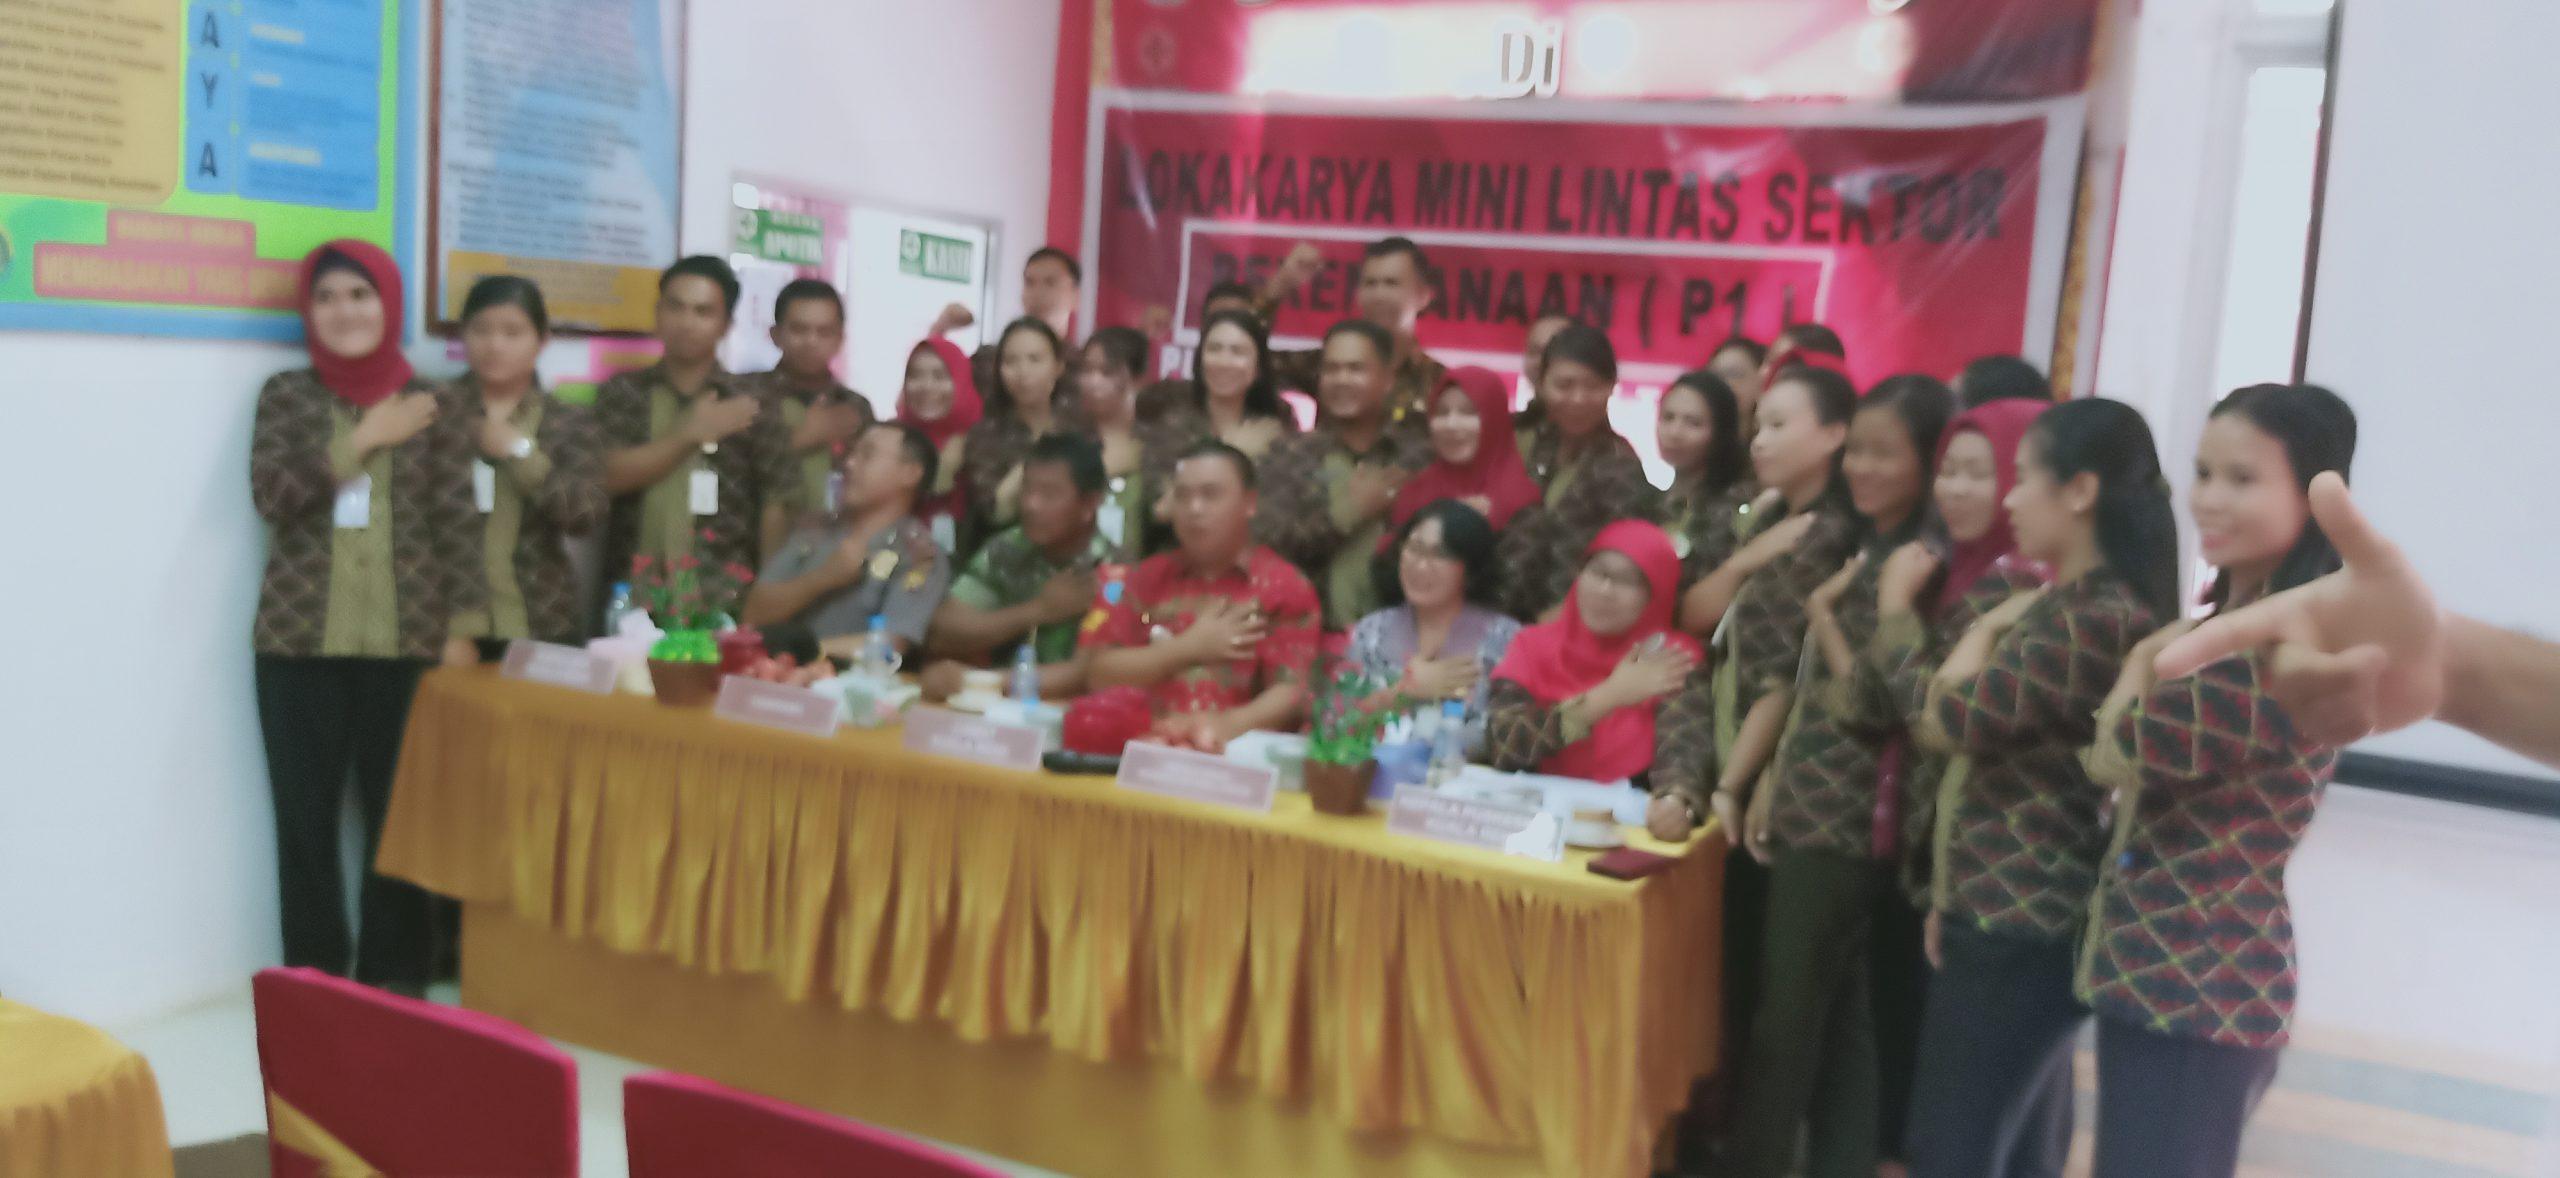 Puskesmas Kuala Behe mengadakan Lokakarya Mini Lintas Sektoral